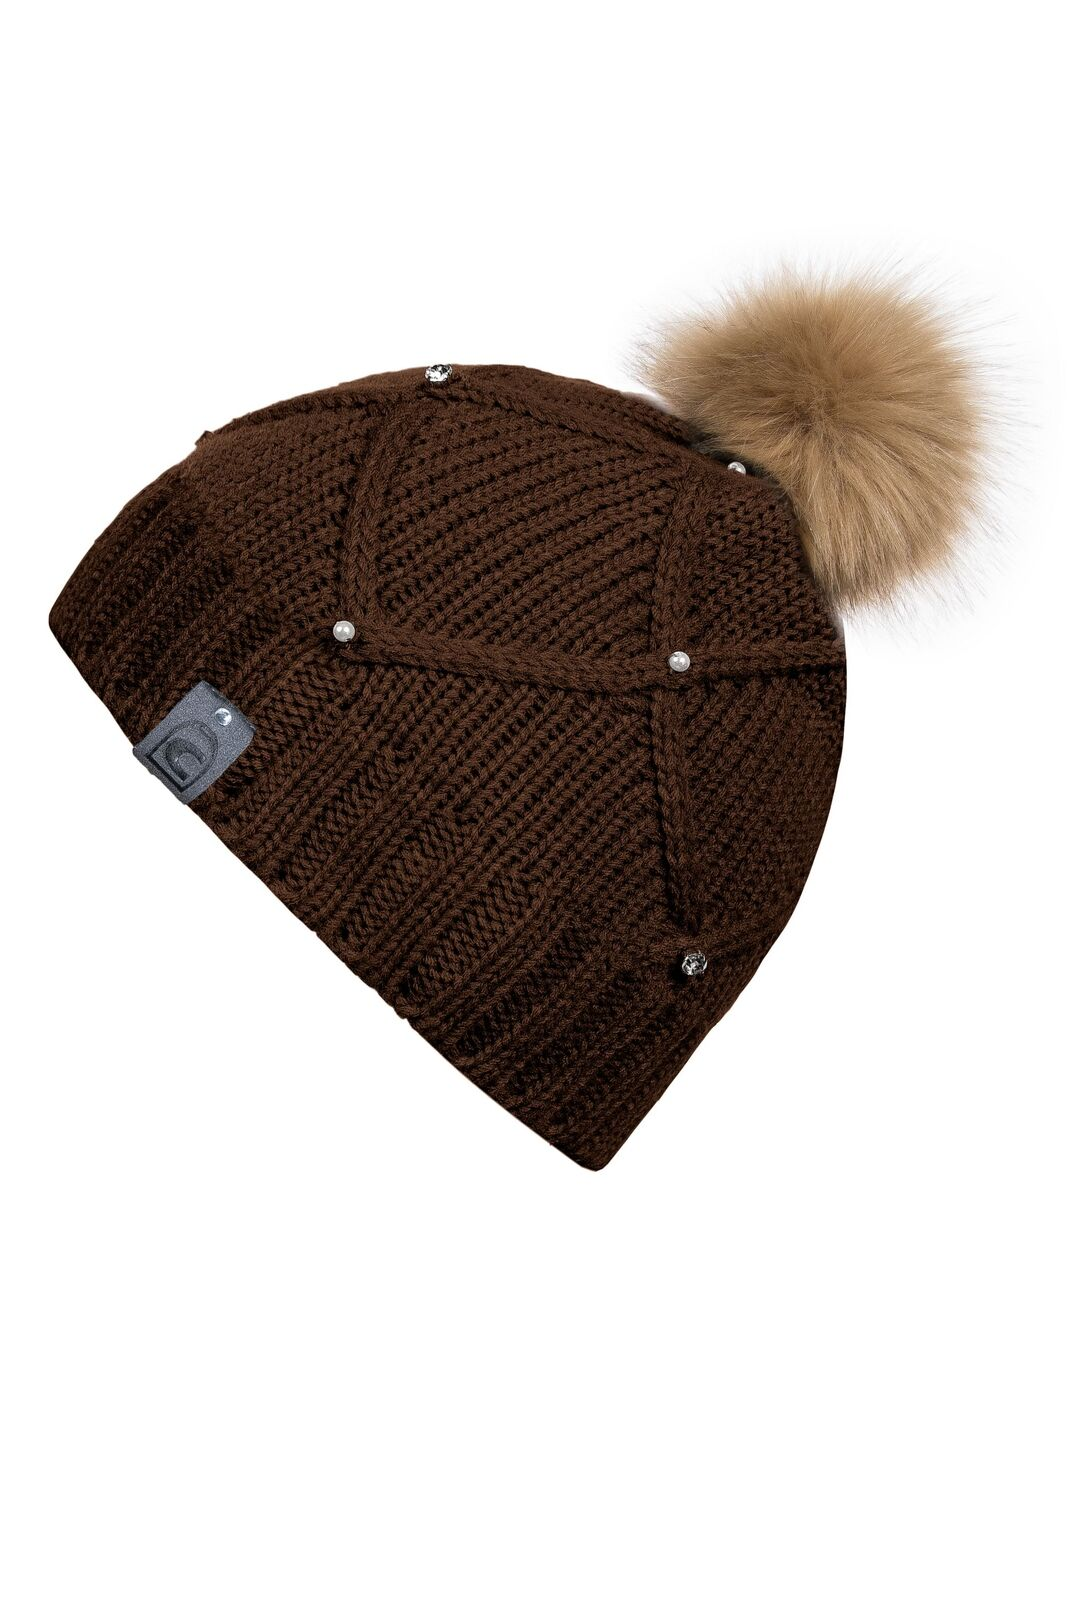 Cavallo Libby (hat) espresso AW 18 19